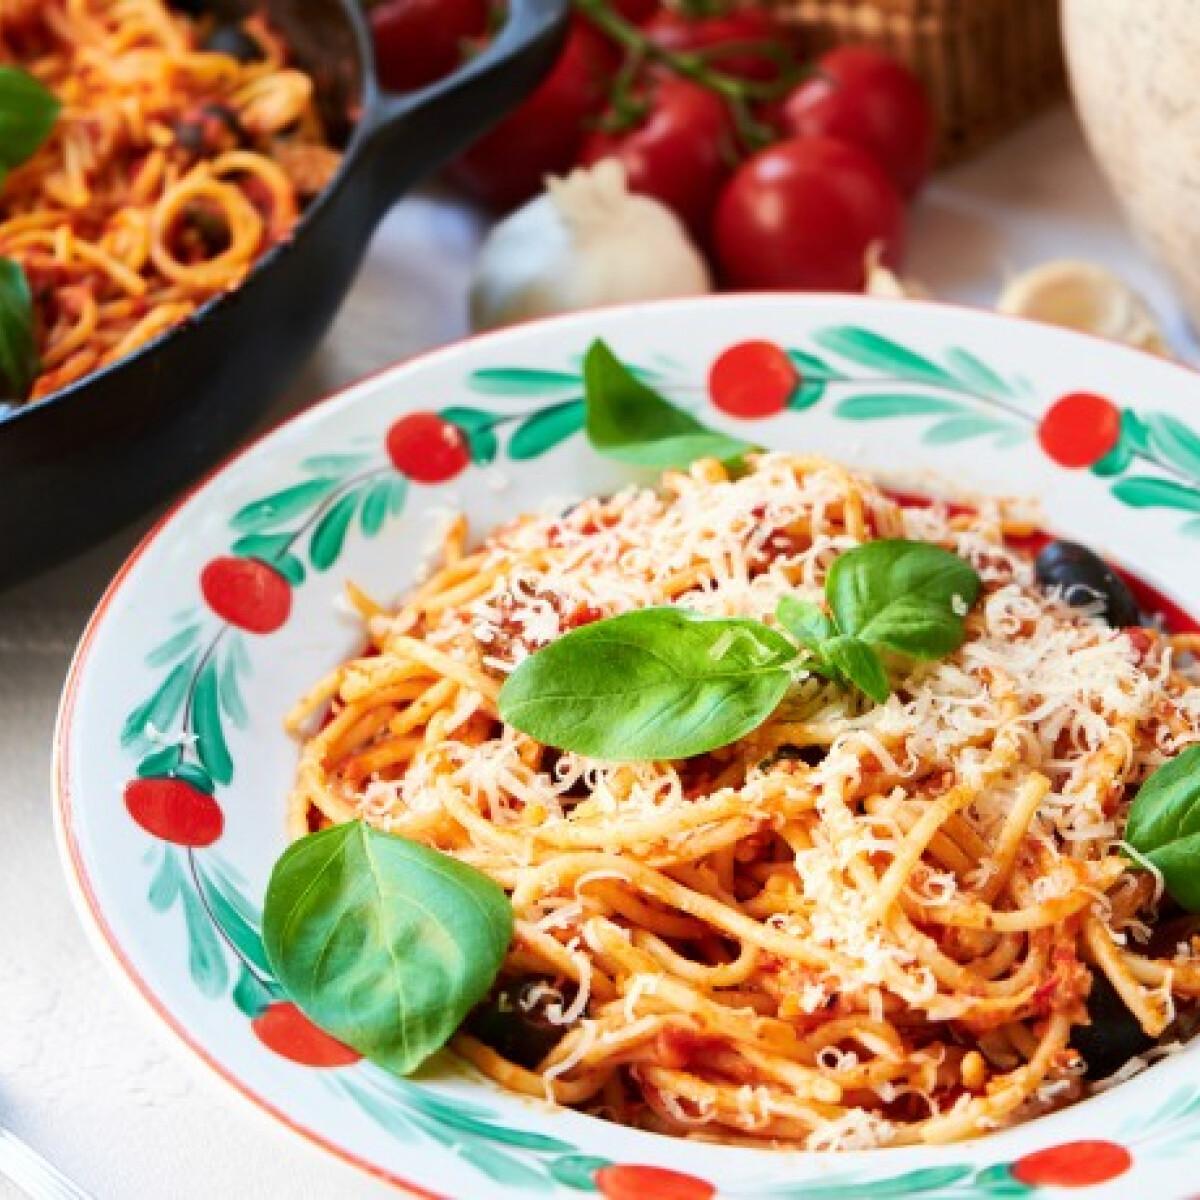 Ezen a képen: Spaghetti alla Puttanesca